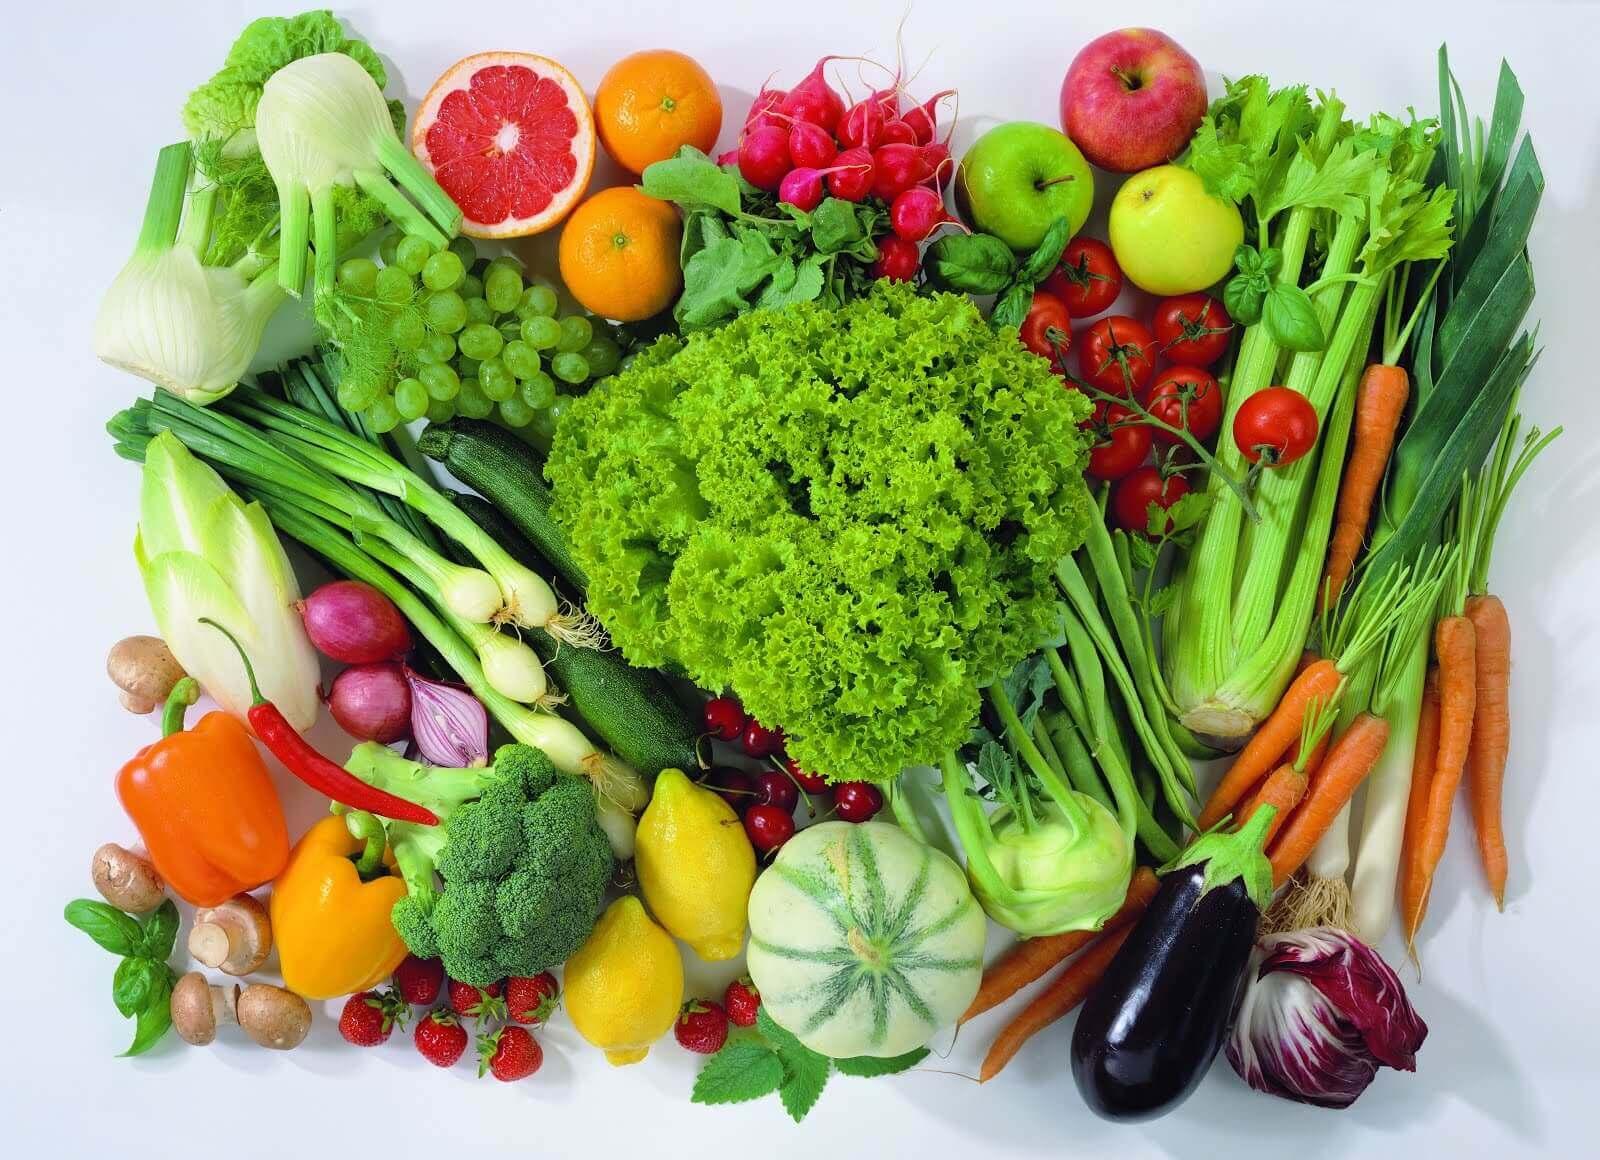 Legg til flere grønnsaker til måltidene dine